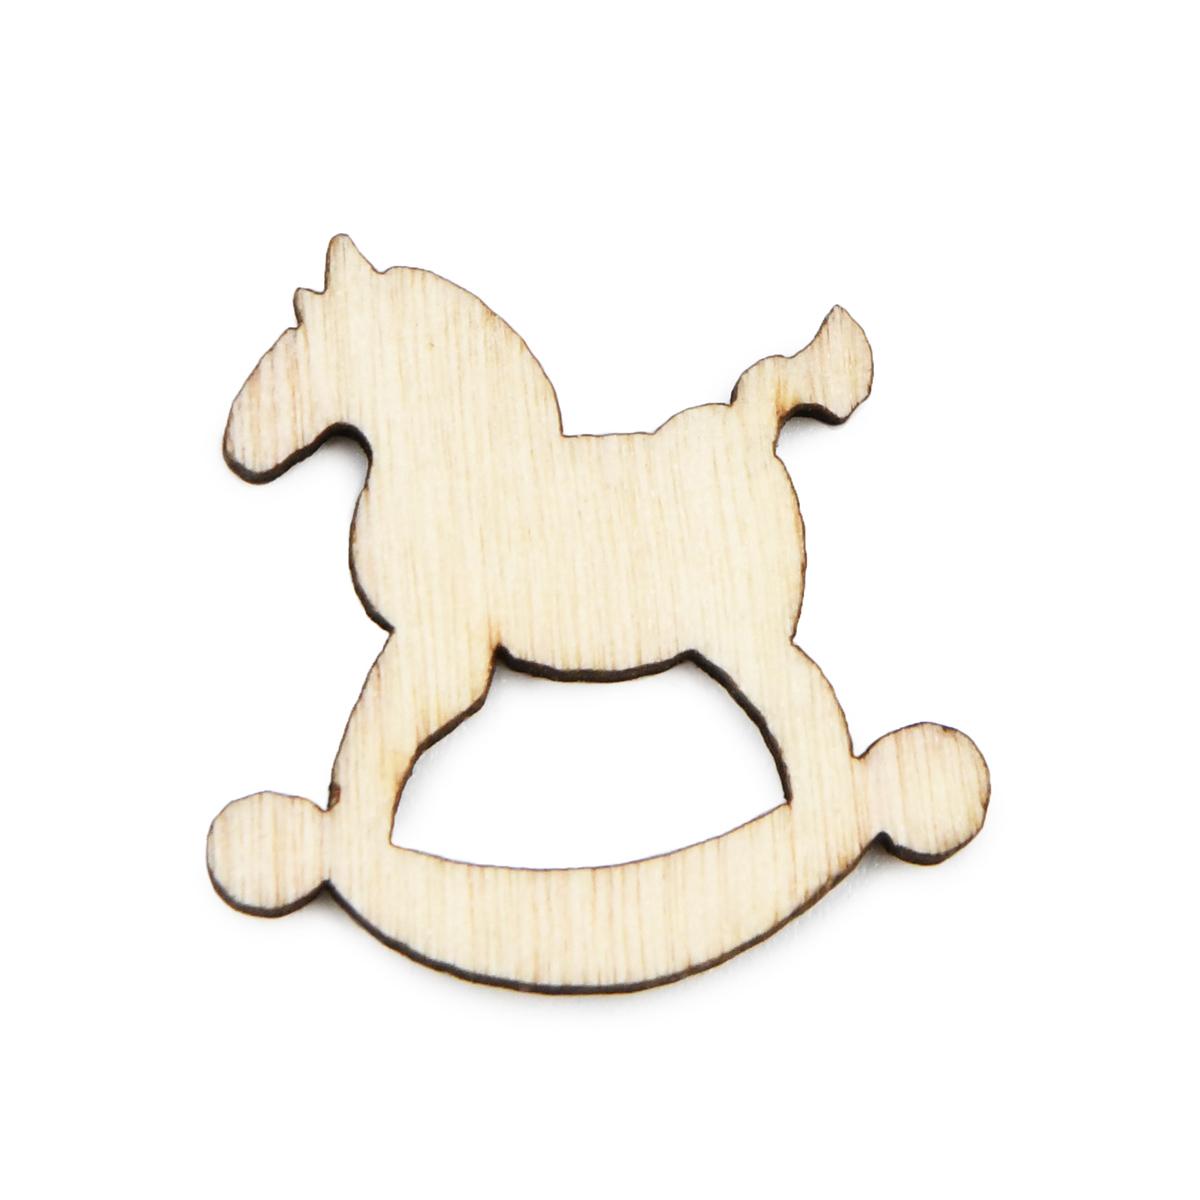 HY10405 Деревянная лошадка-качалка, 1,5 см, 10 шт